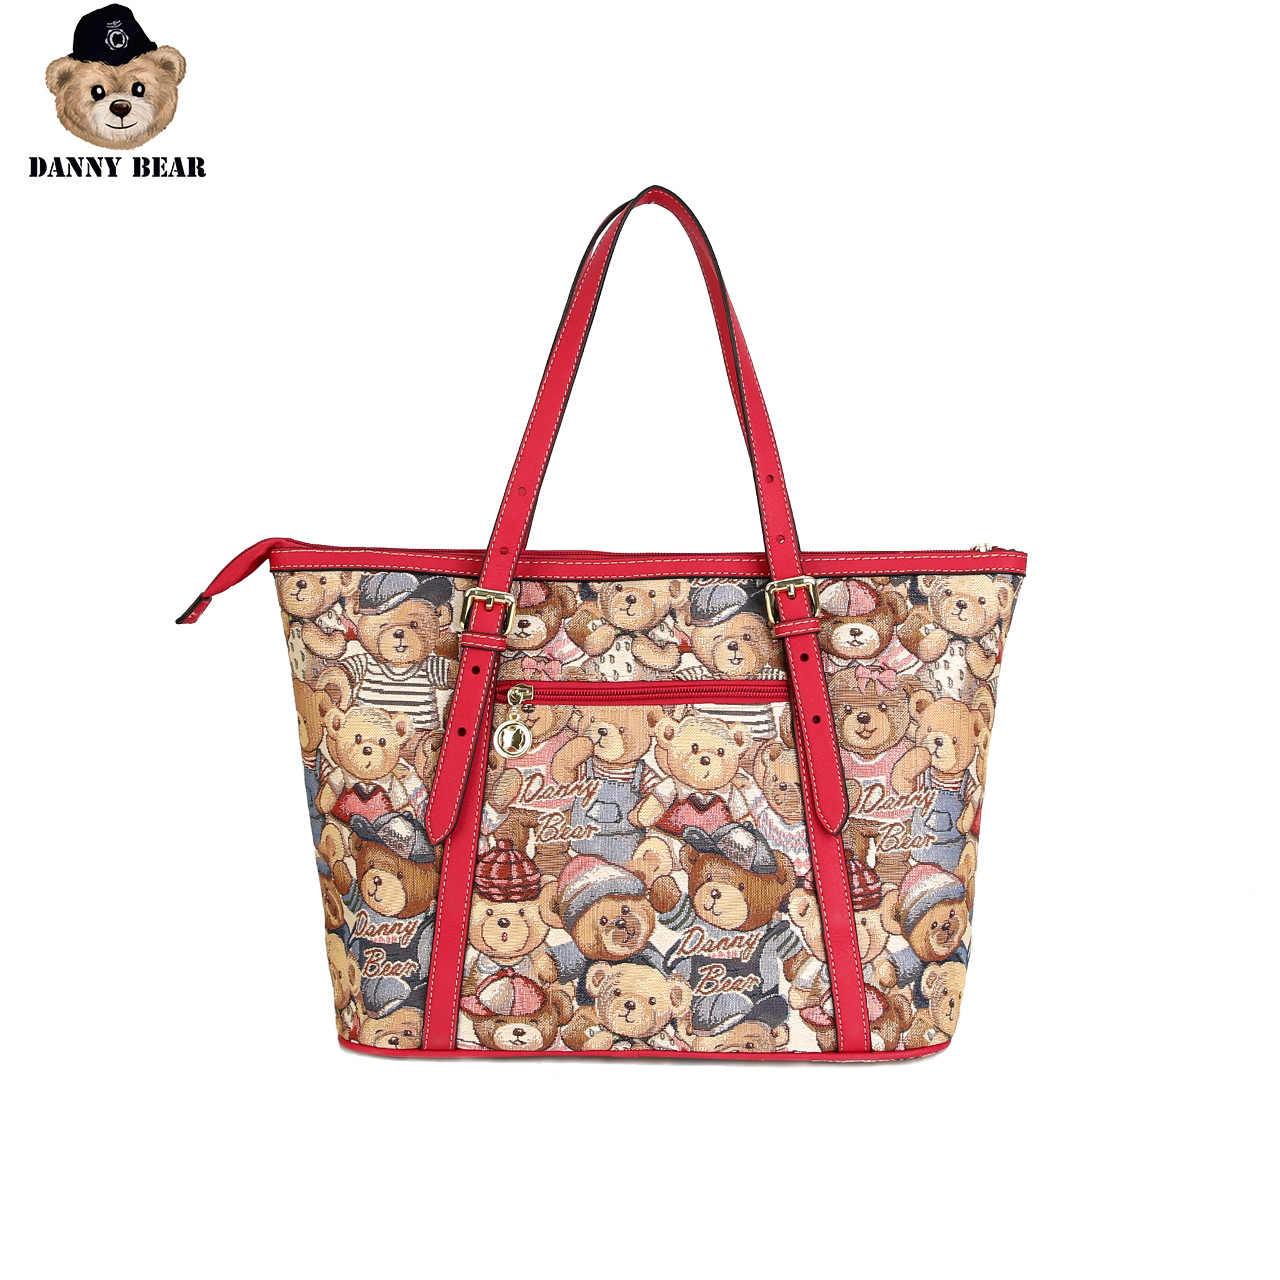 דני דוב דוב סדרת בציר נשים תיק סיבתי יומי אדום תיק כתף תיק דוב לוגו מודפס תיק DTB9915519-202R